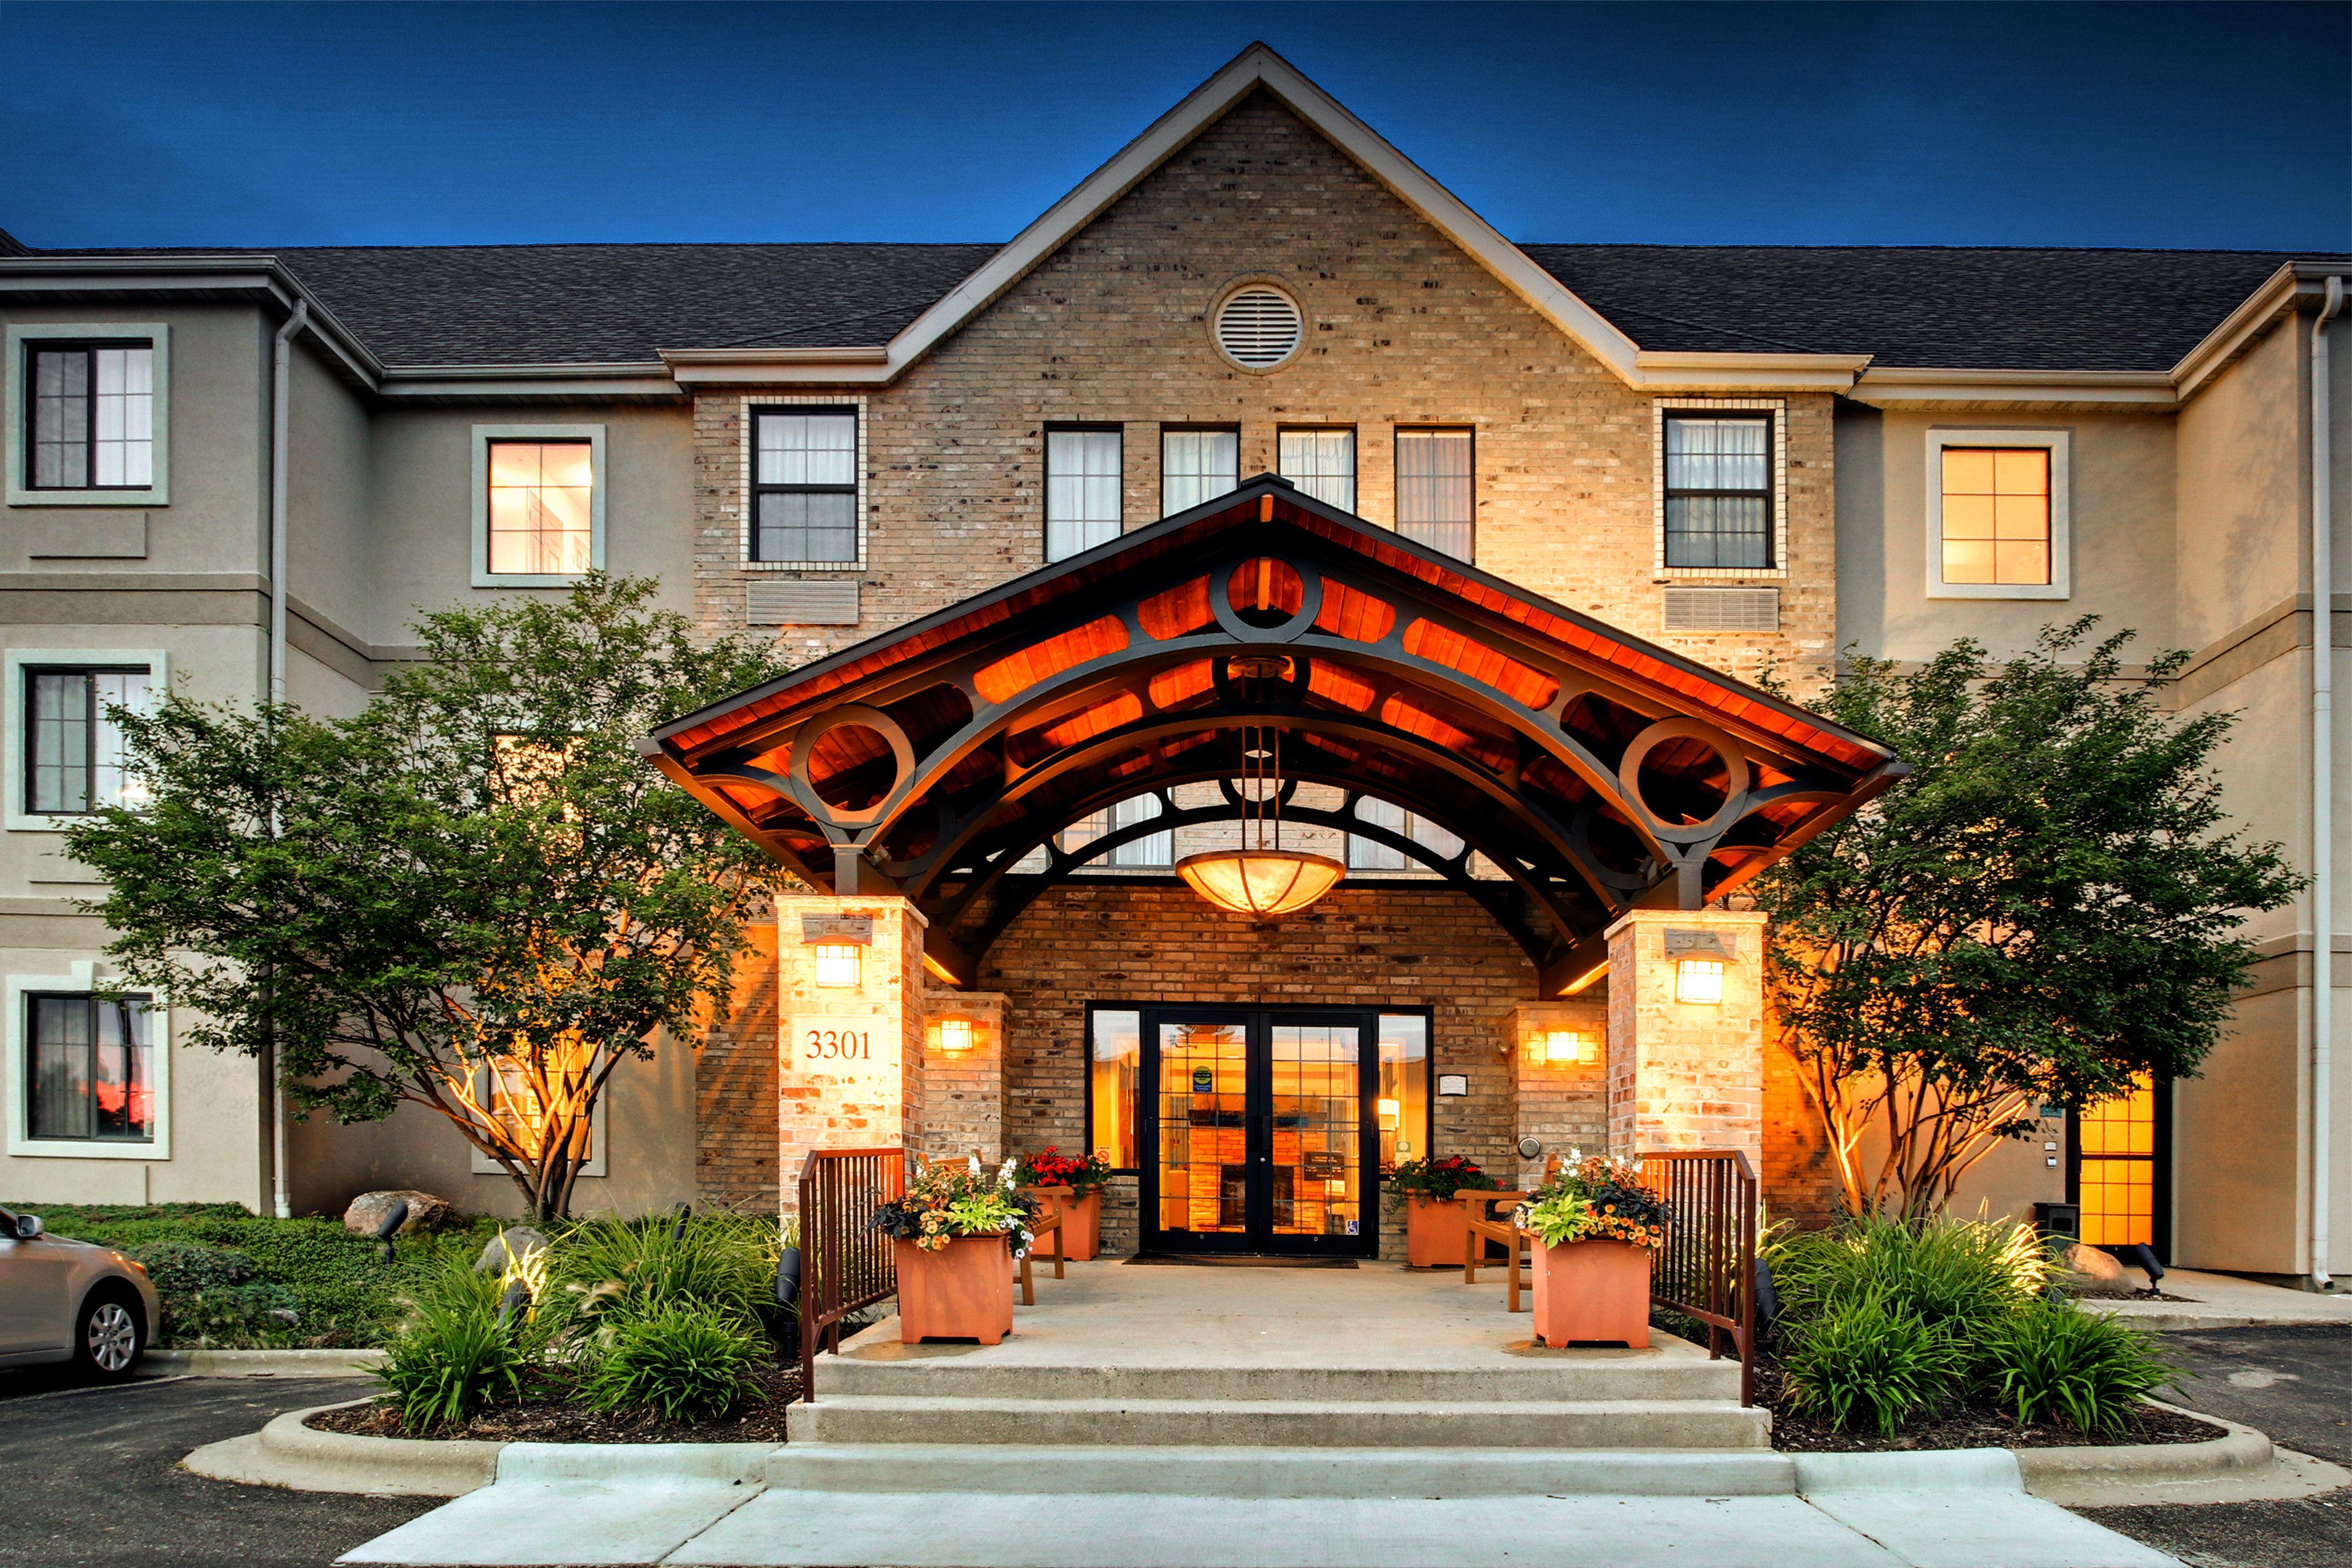 Zimbrick Hyundai East >> Staybridge Suites Madison-East, Madison Wisconsin (WI ...